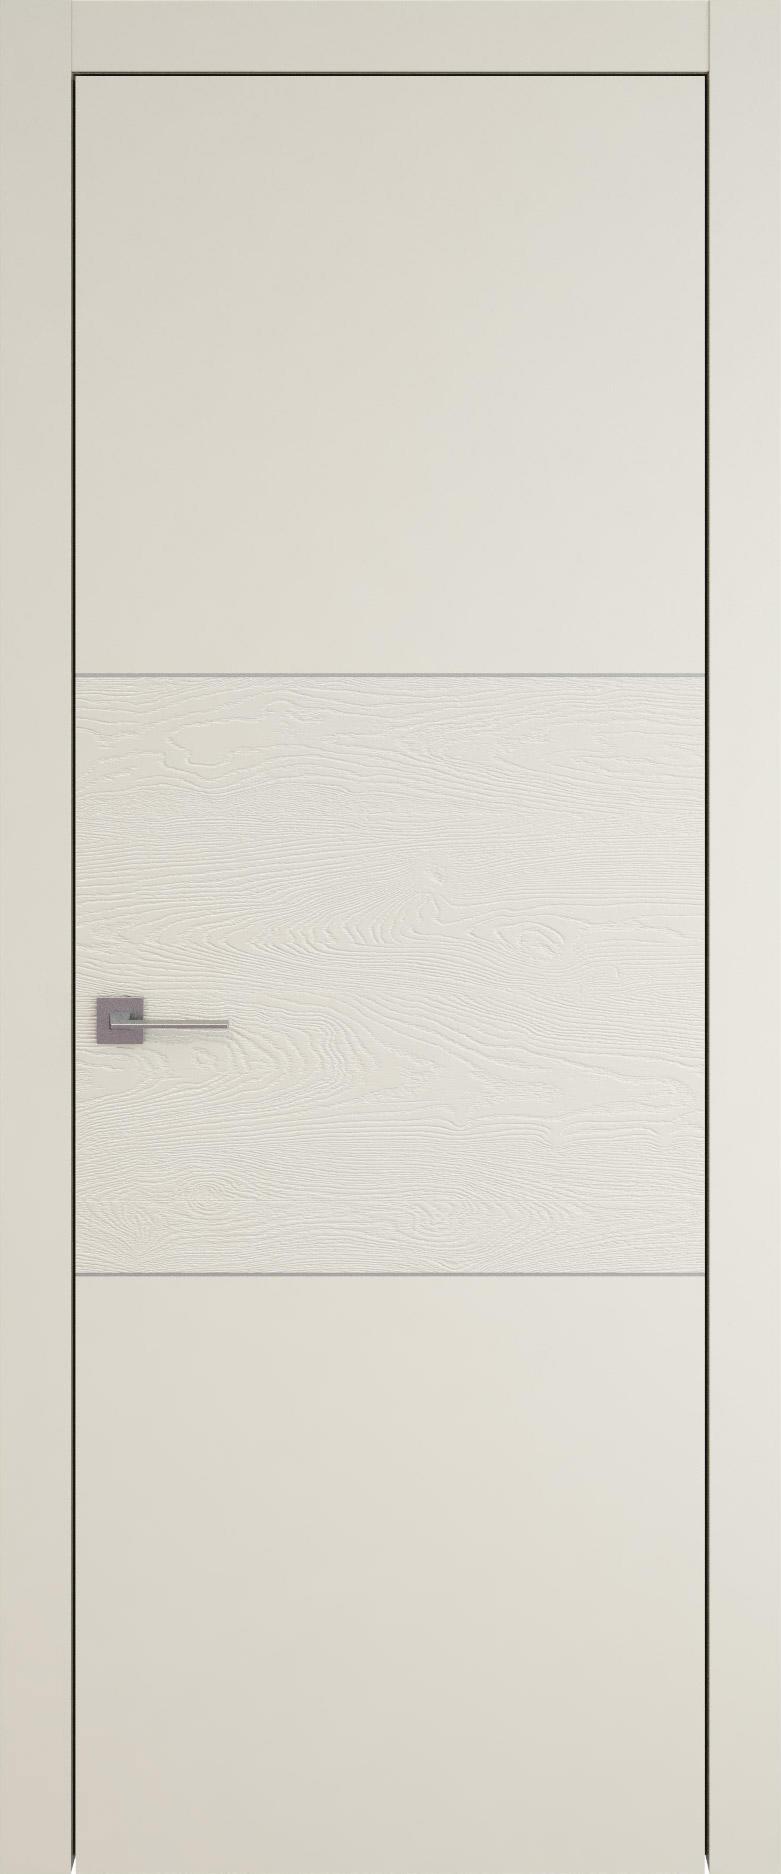 Tivoli В-2 цвет - Жемчужная эмаль-эмаль по шпону (RAL 1013) Без стекла (ДГ)